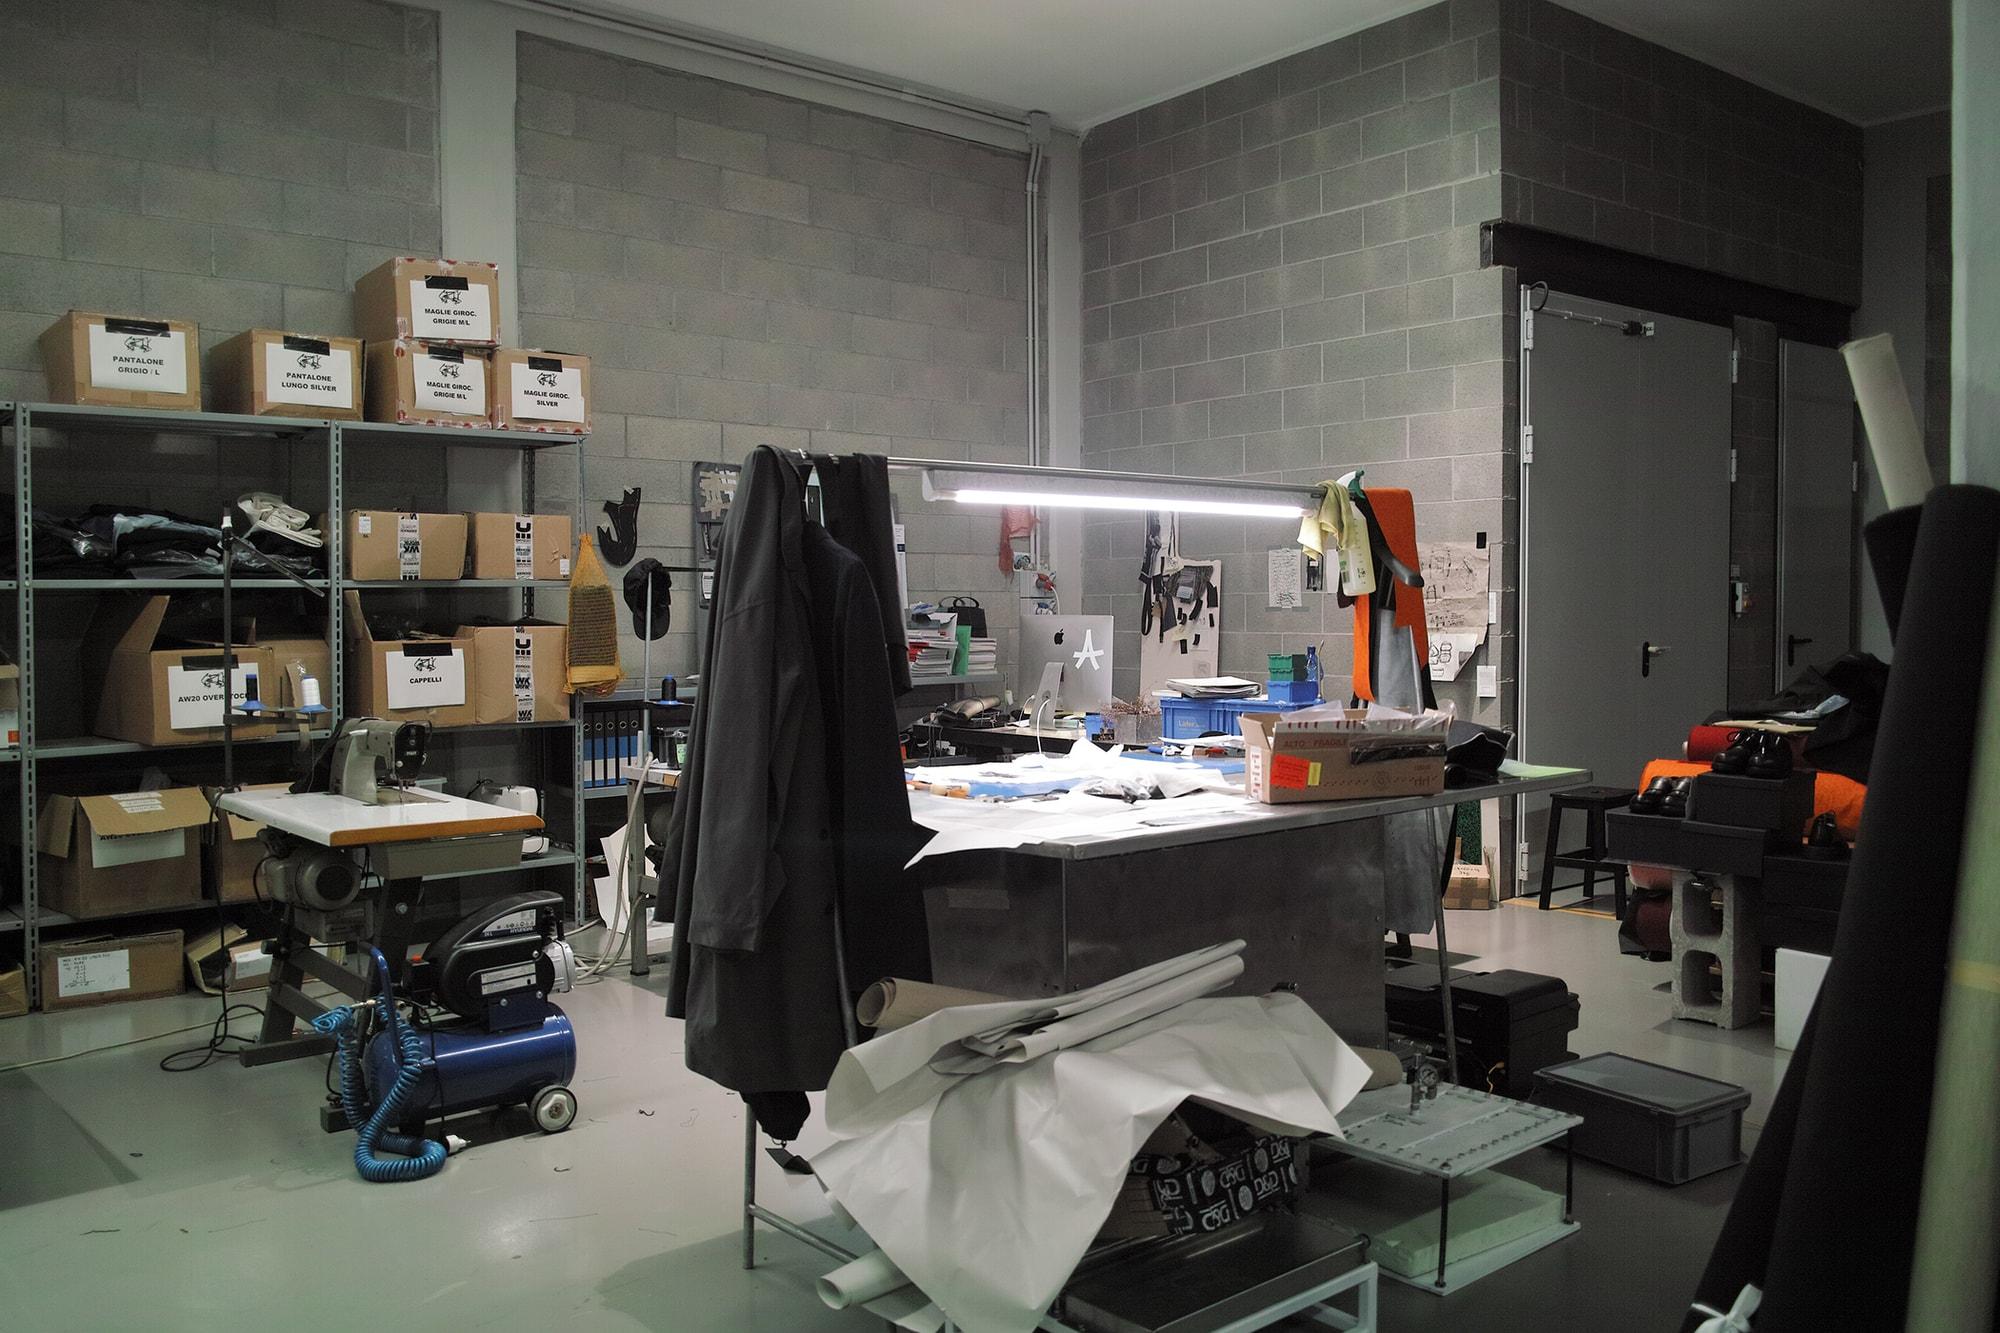 专访 GR10K:Deadstock 打造的机能时装,以及设计团队构成的新可能性